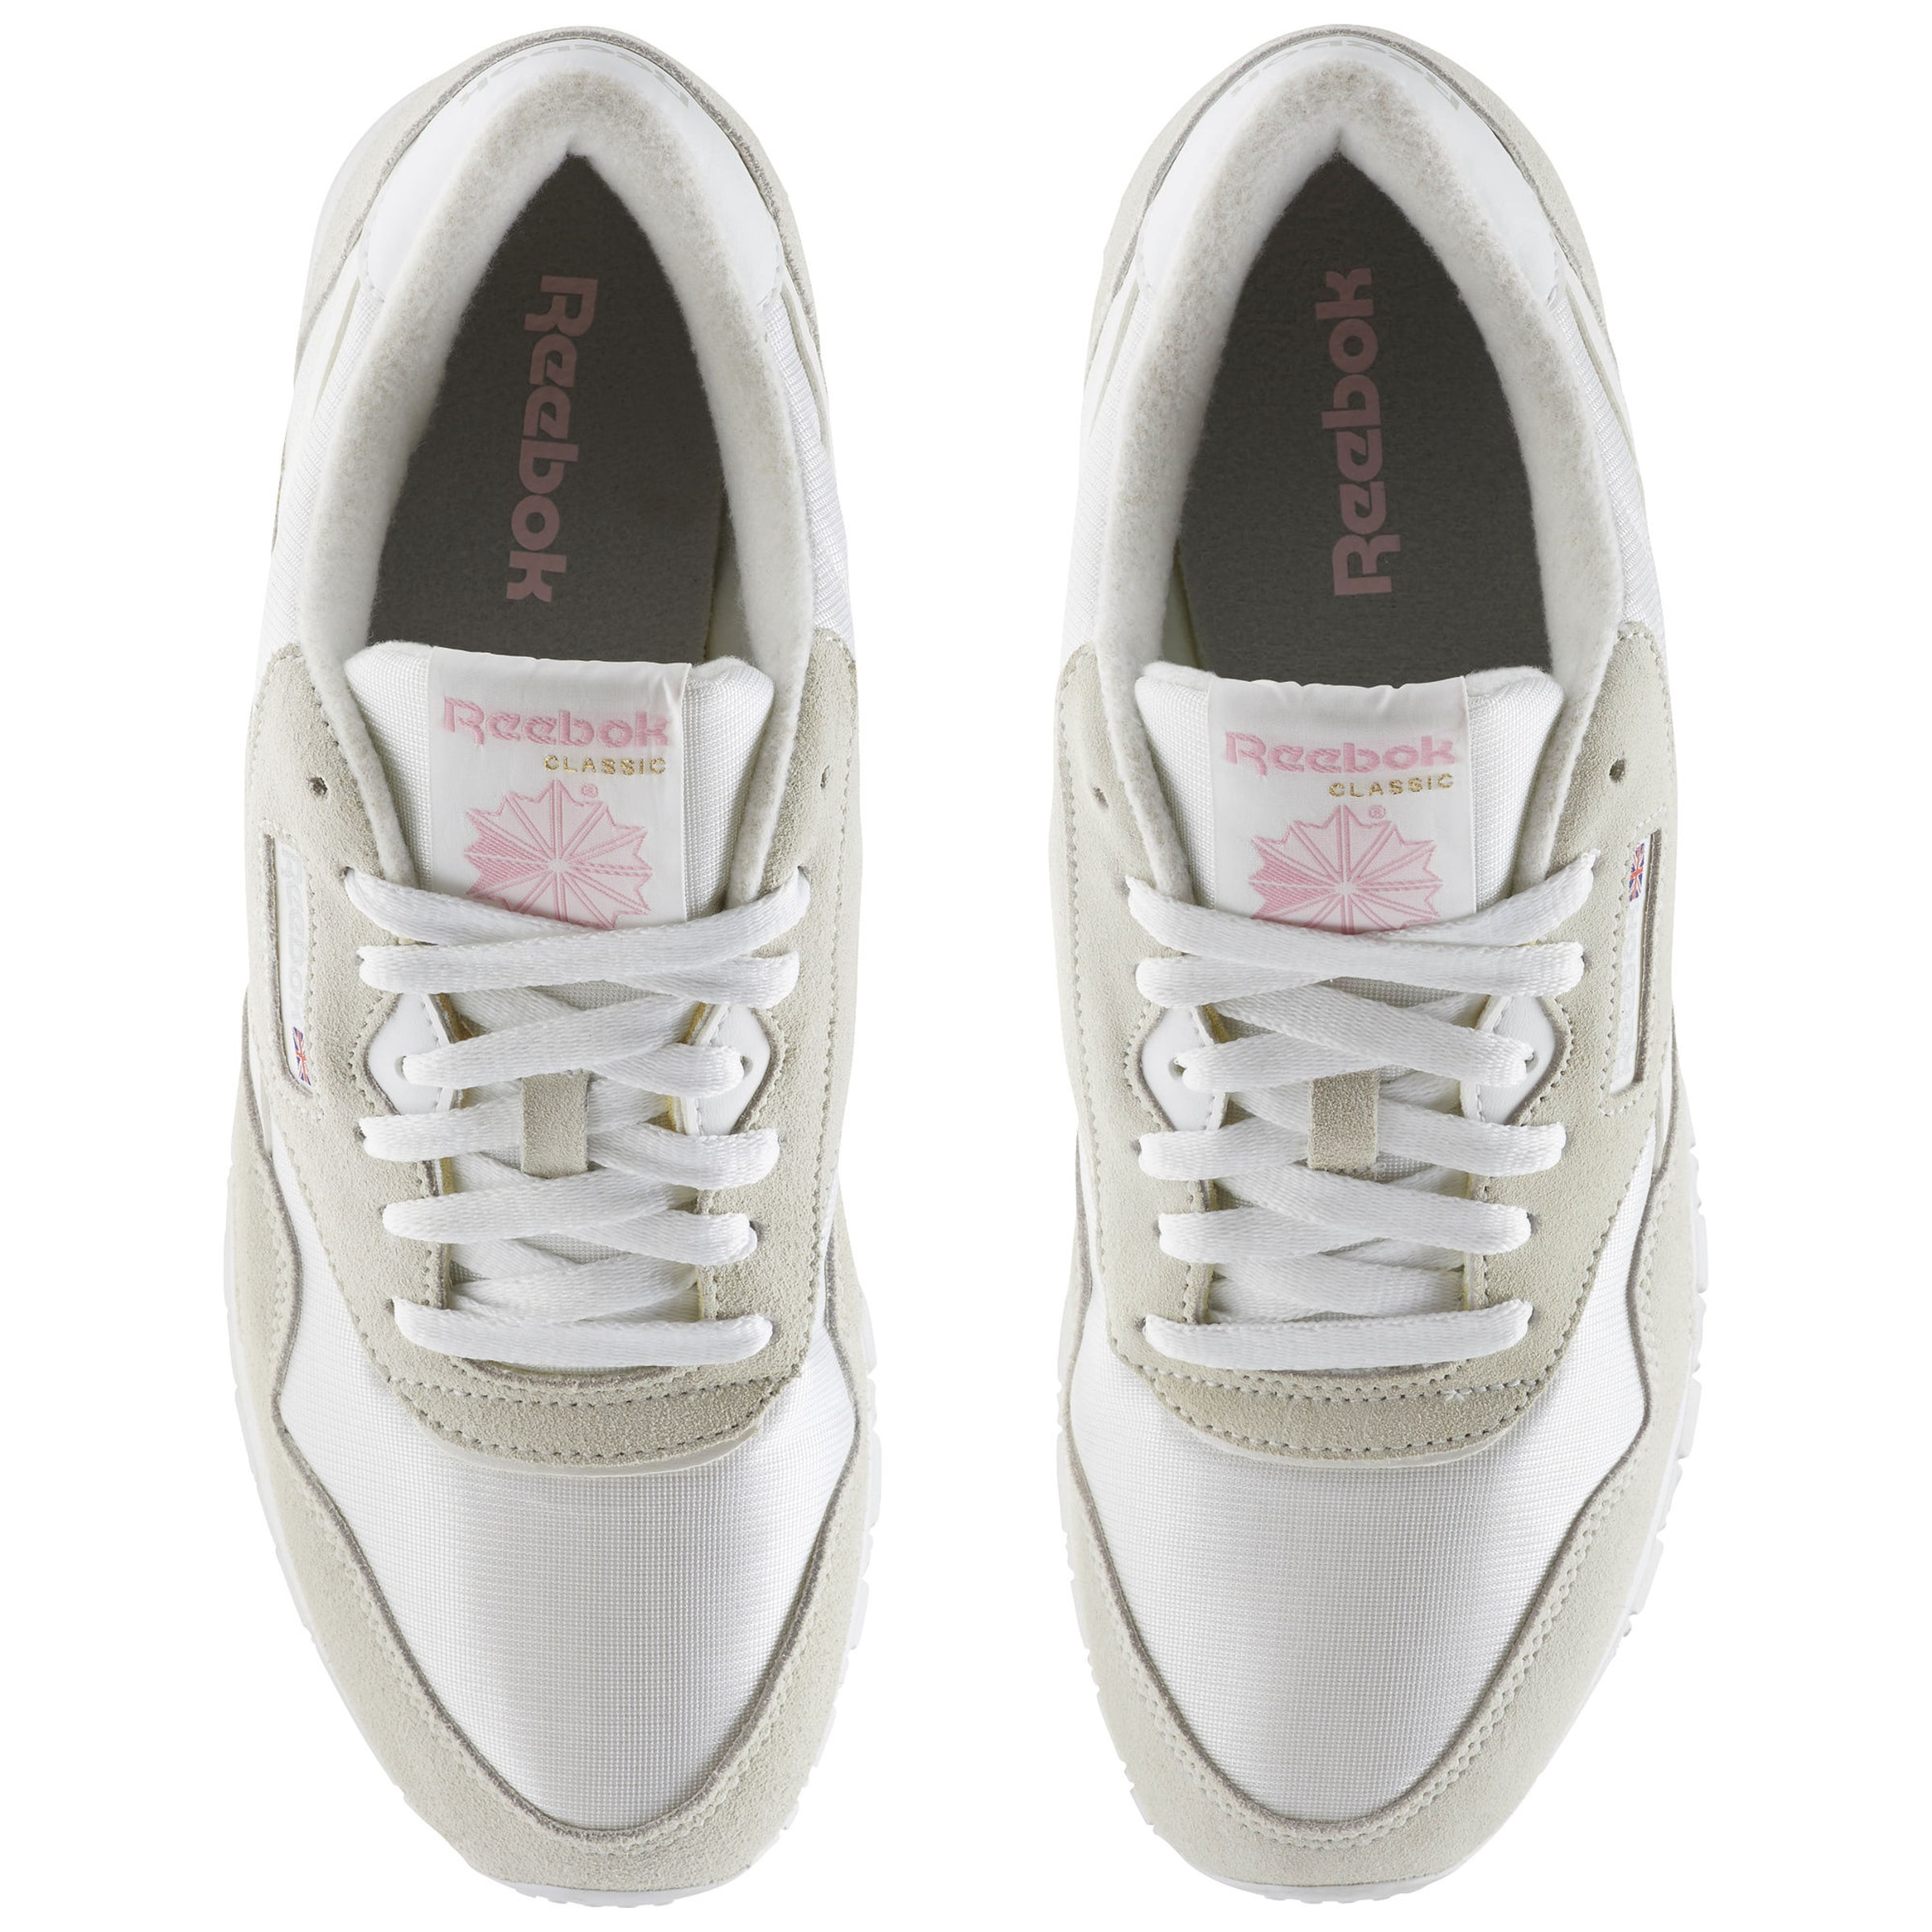 Classic Creme Sneaker Reebok Creme Sneaker Reebok Classic In In LVzMGqpSU